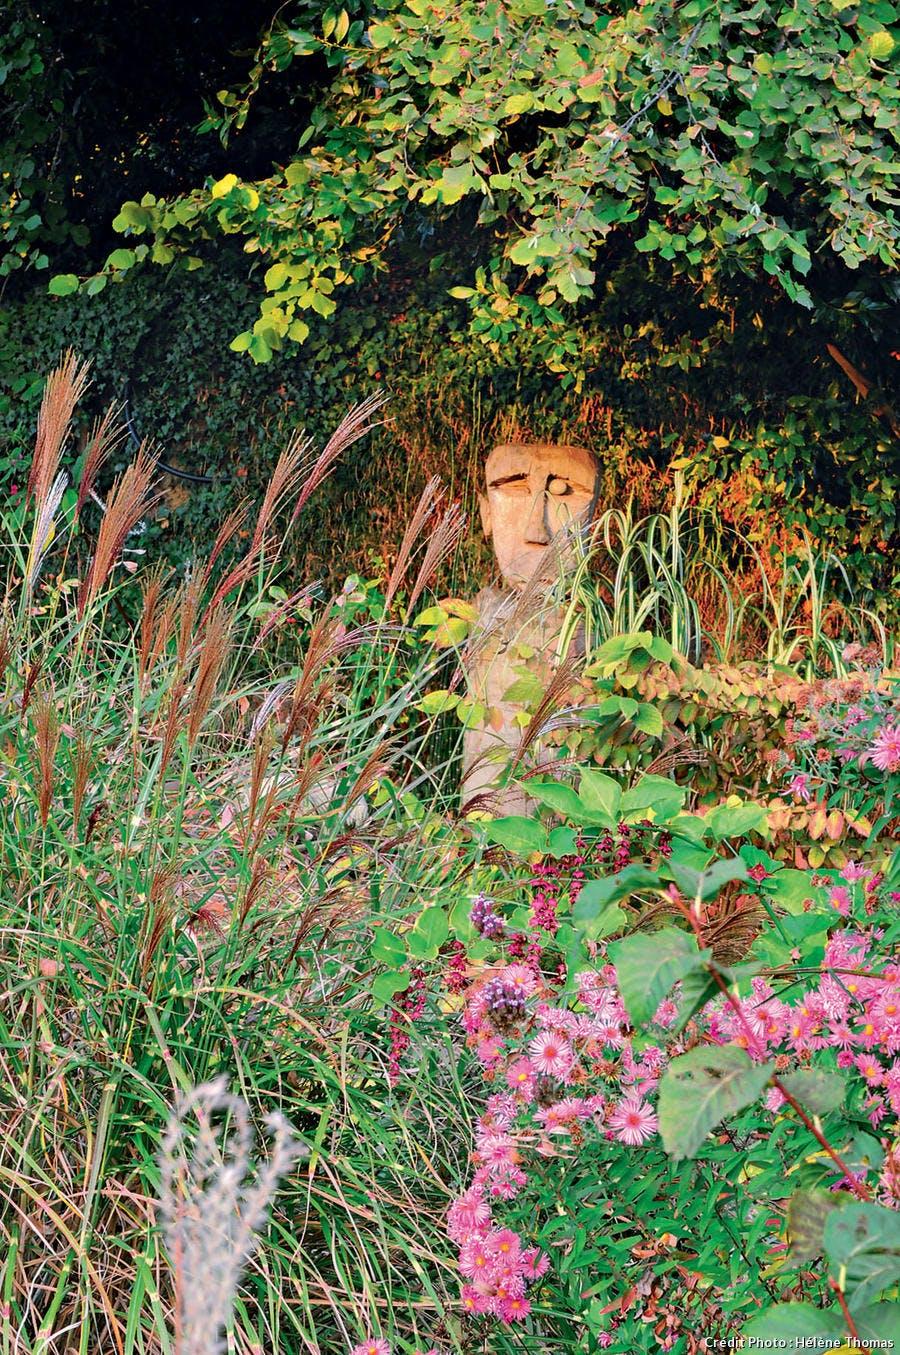 Tête sculptée dans du bois de peuplier.